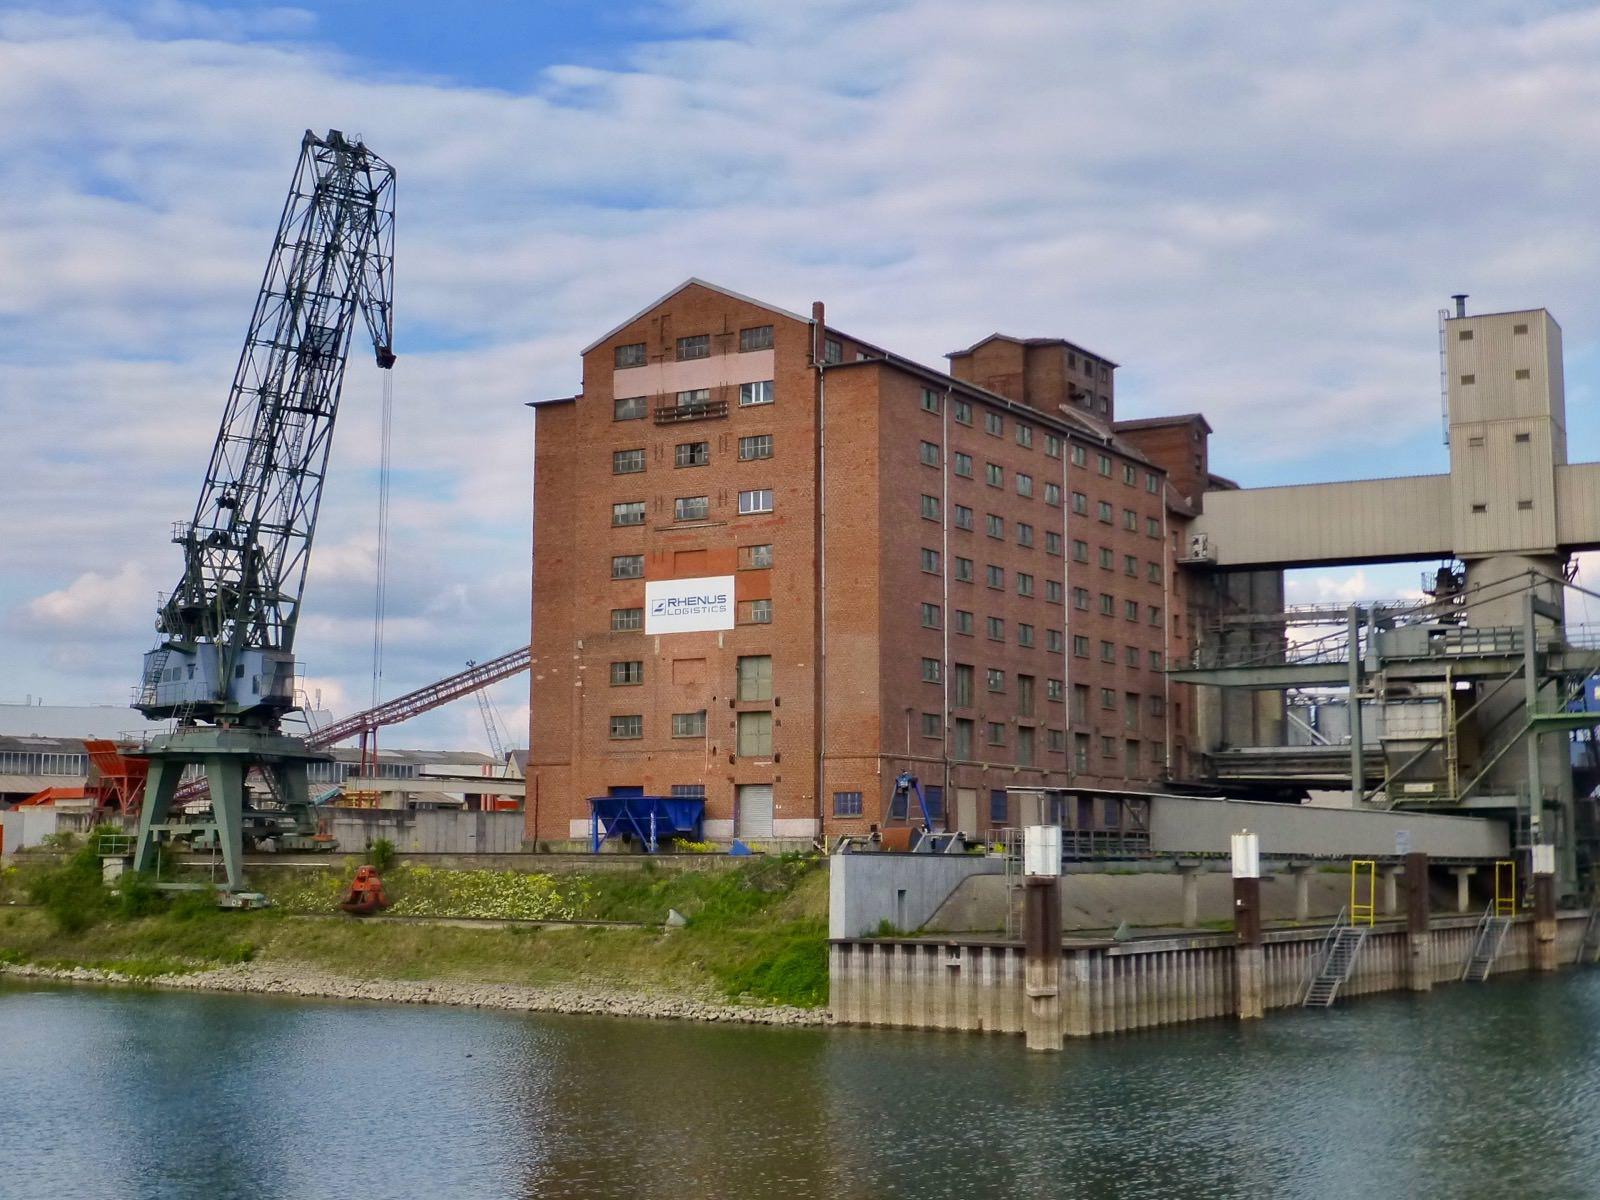 Der Blick auf den Rhenania-Speicher von der Brücke bei der Kammerschleuse. Hinter den vielen Fenstern sind Schüttböden | Foto: Ritter (Rhein-Neckar-Industriekultur e.V.)